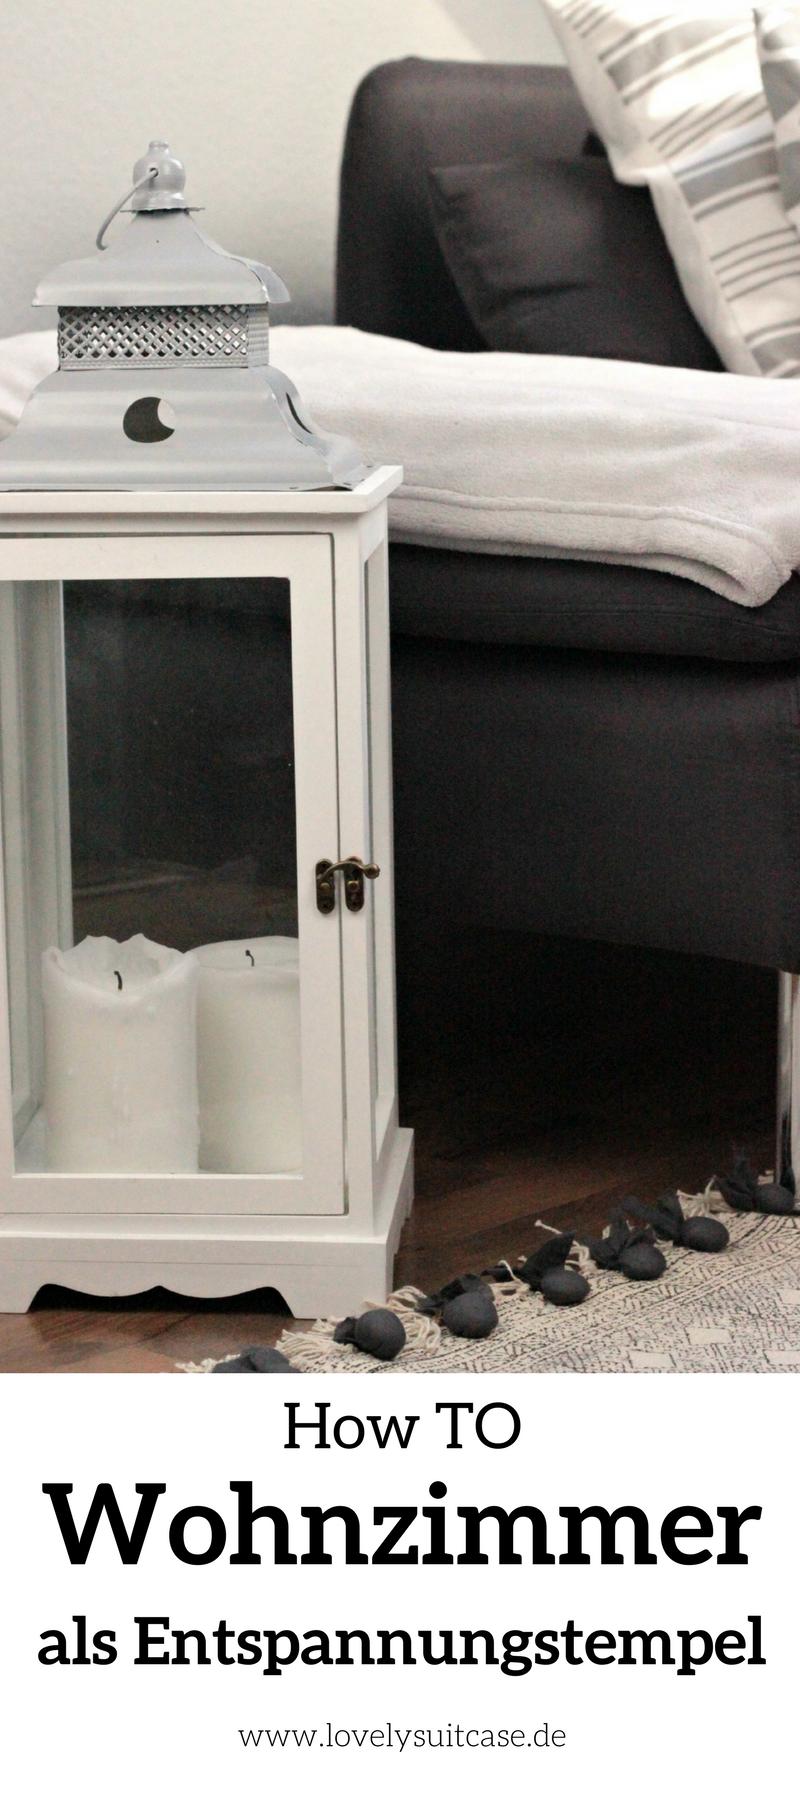 Mach dein Wohnzimmer zum Entspannungstempel | Pinterest | Dekorieren ...